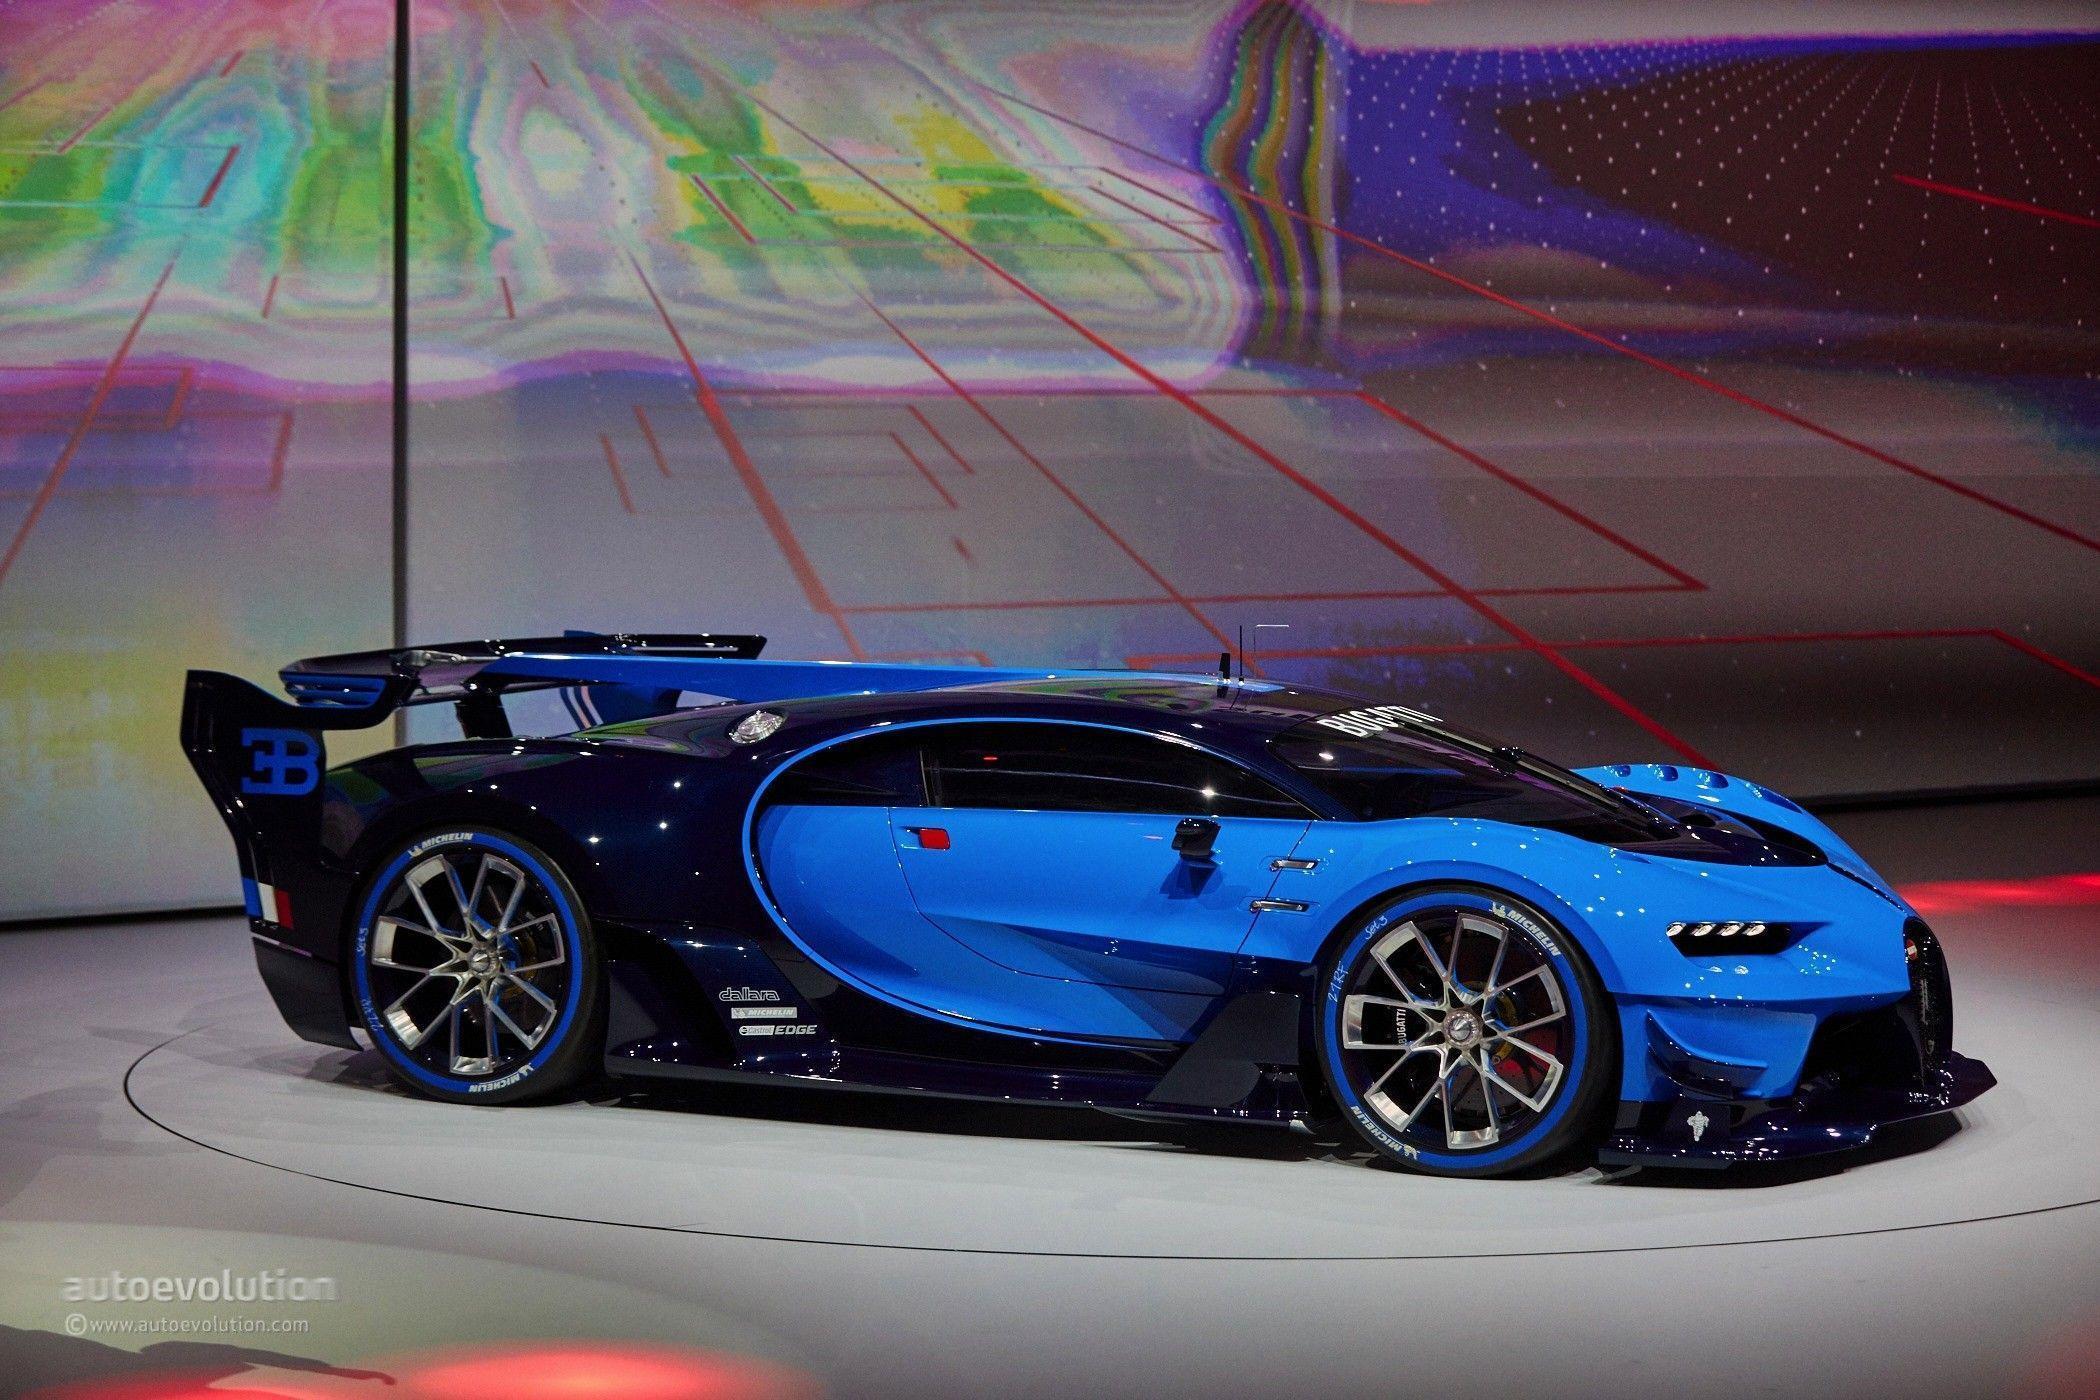 Bugatti Chiron Sport Iphone Wallpaper: Bugatti Chiron Wallpapers